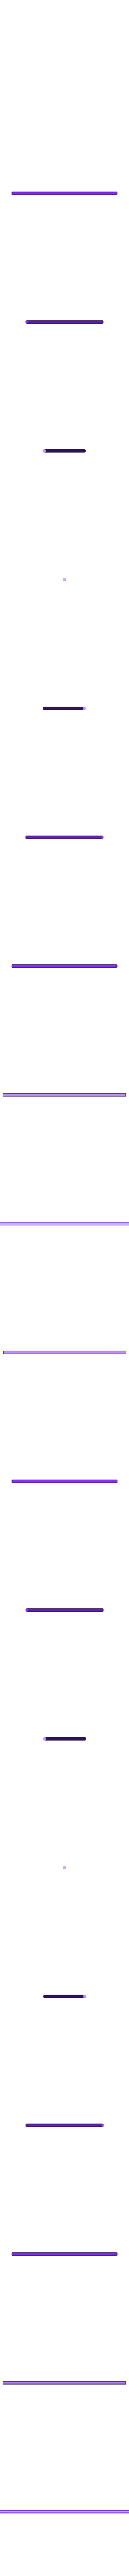 XX_Main_Cylinder_Shaft_1.8mm.stl Télécharger fichier STL gratuit Vapemobile : Voiture jouet pneumatique • Modèle pour imprimante 3D, Slava_Z